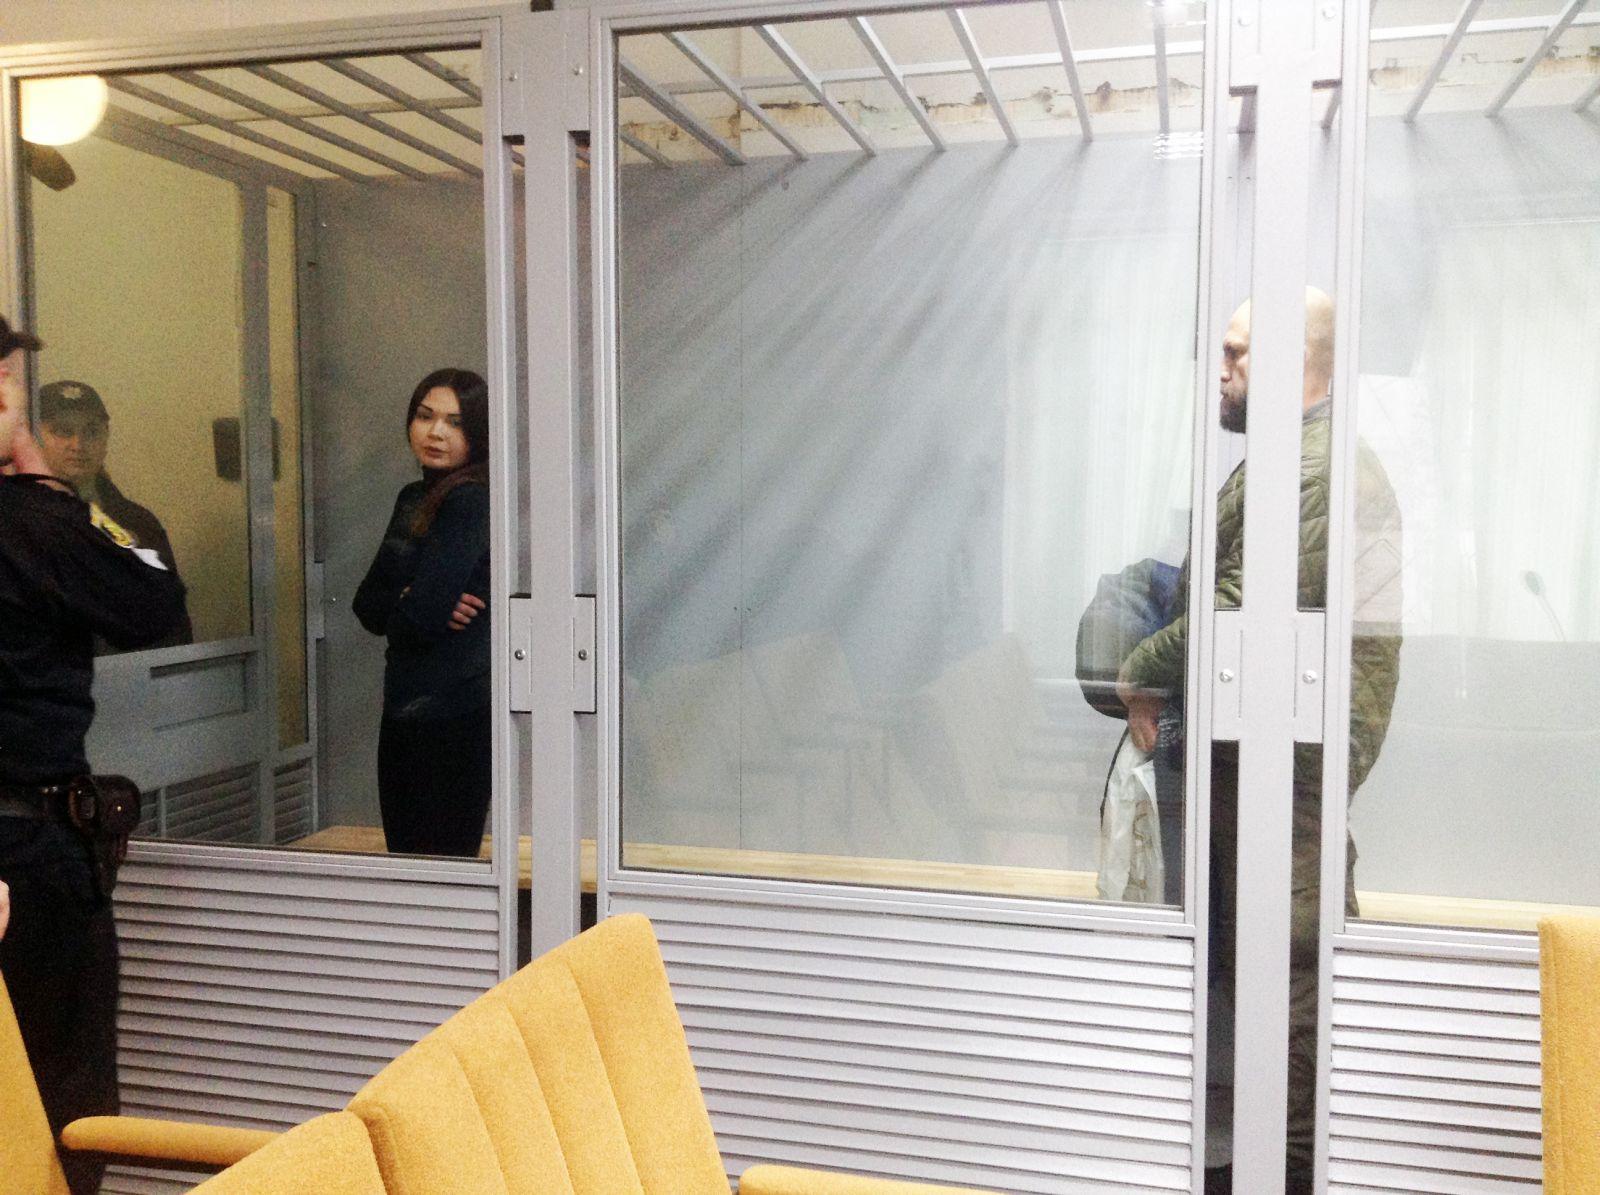 Олена Зайцева і Геннадій Дронов у суді першої інстанції, Київському районному суді Харкова. Березень 2018 року